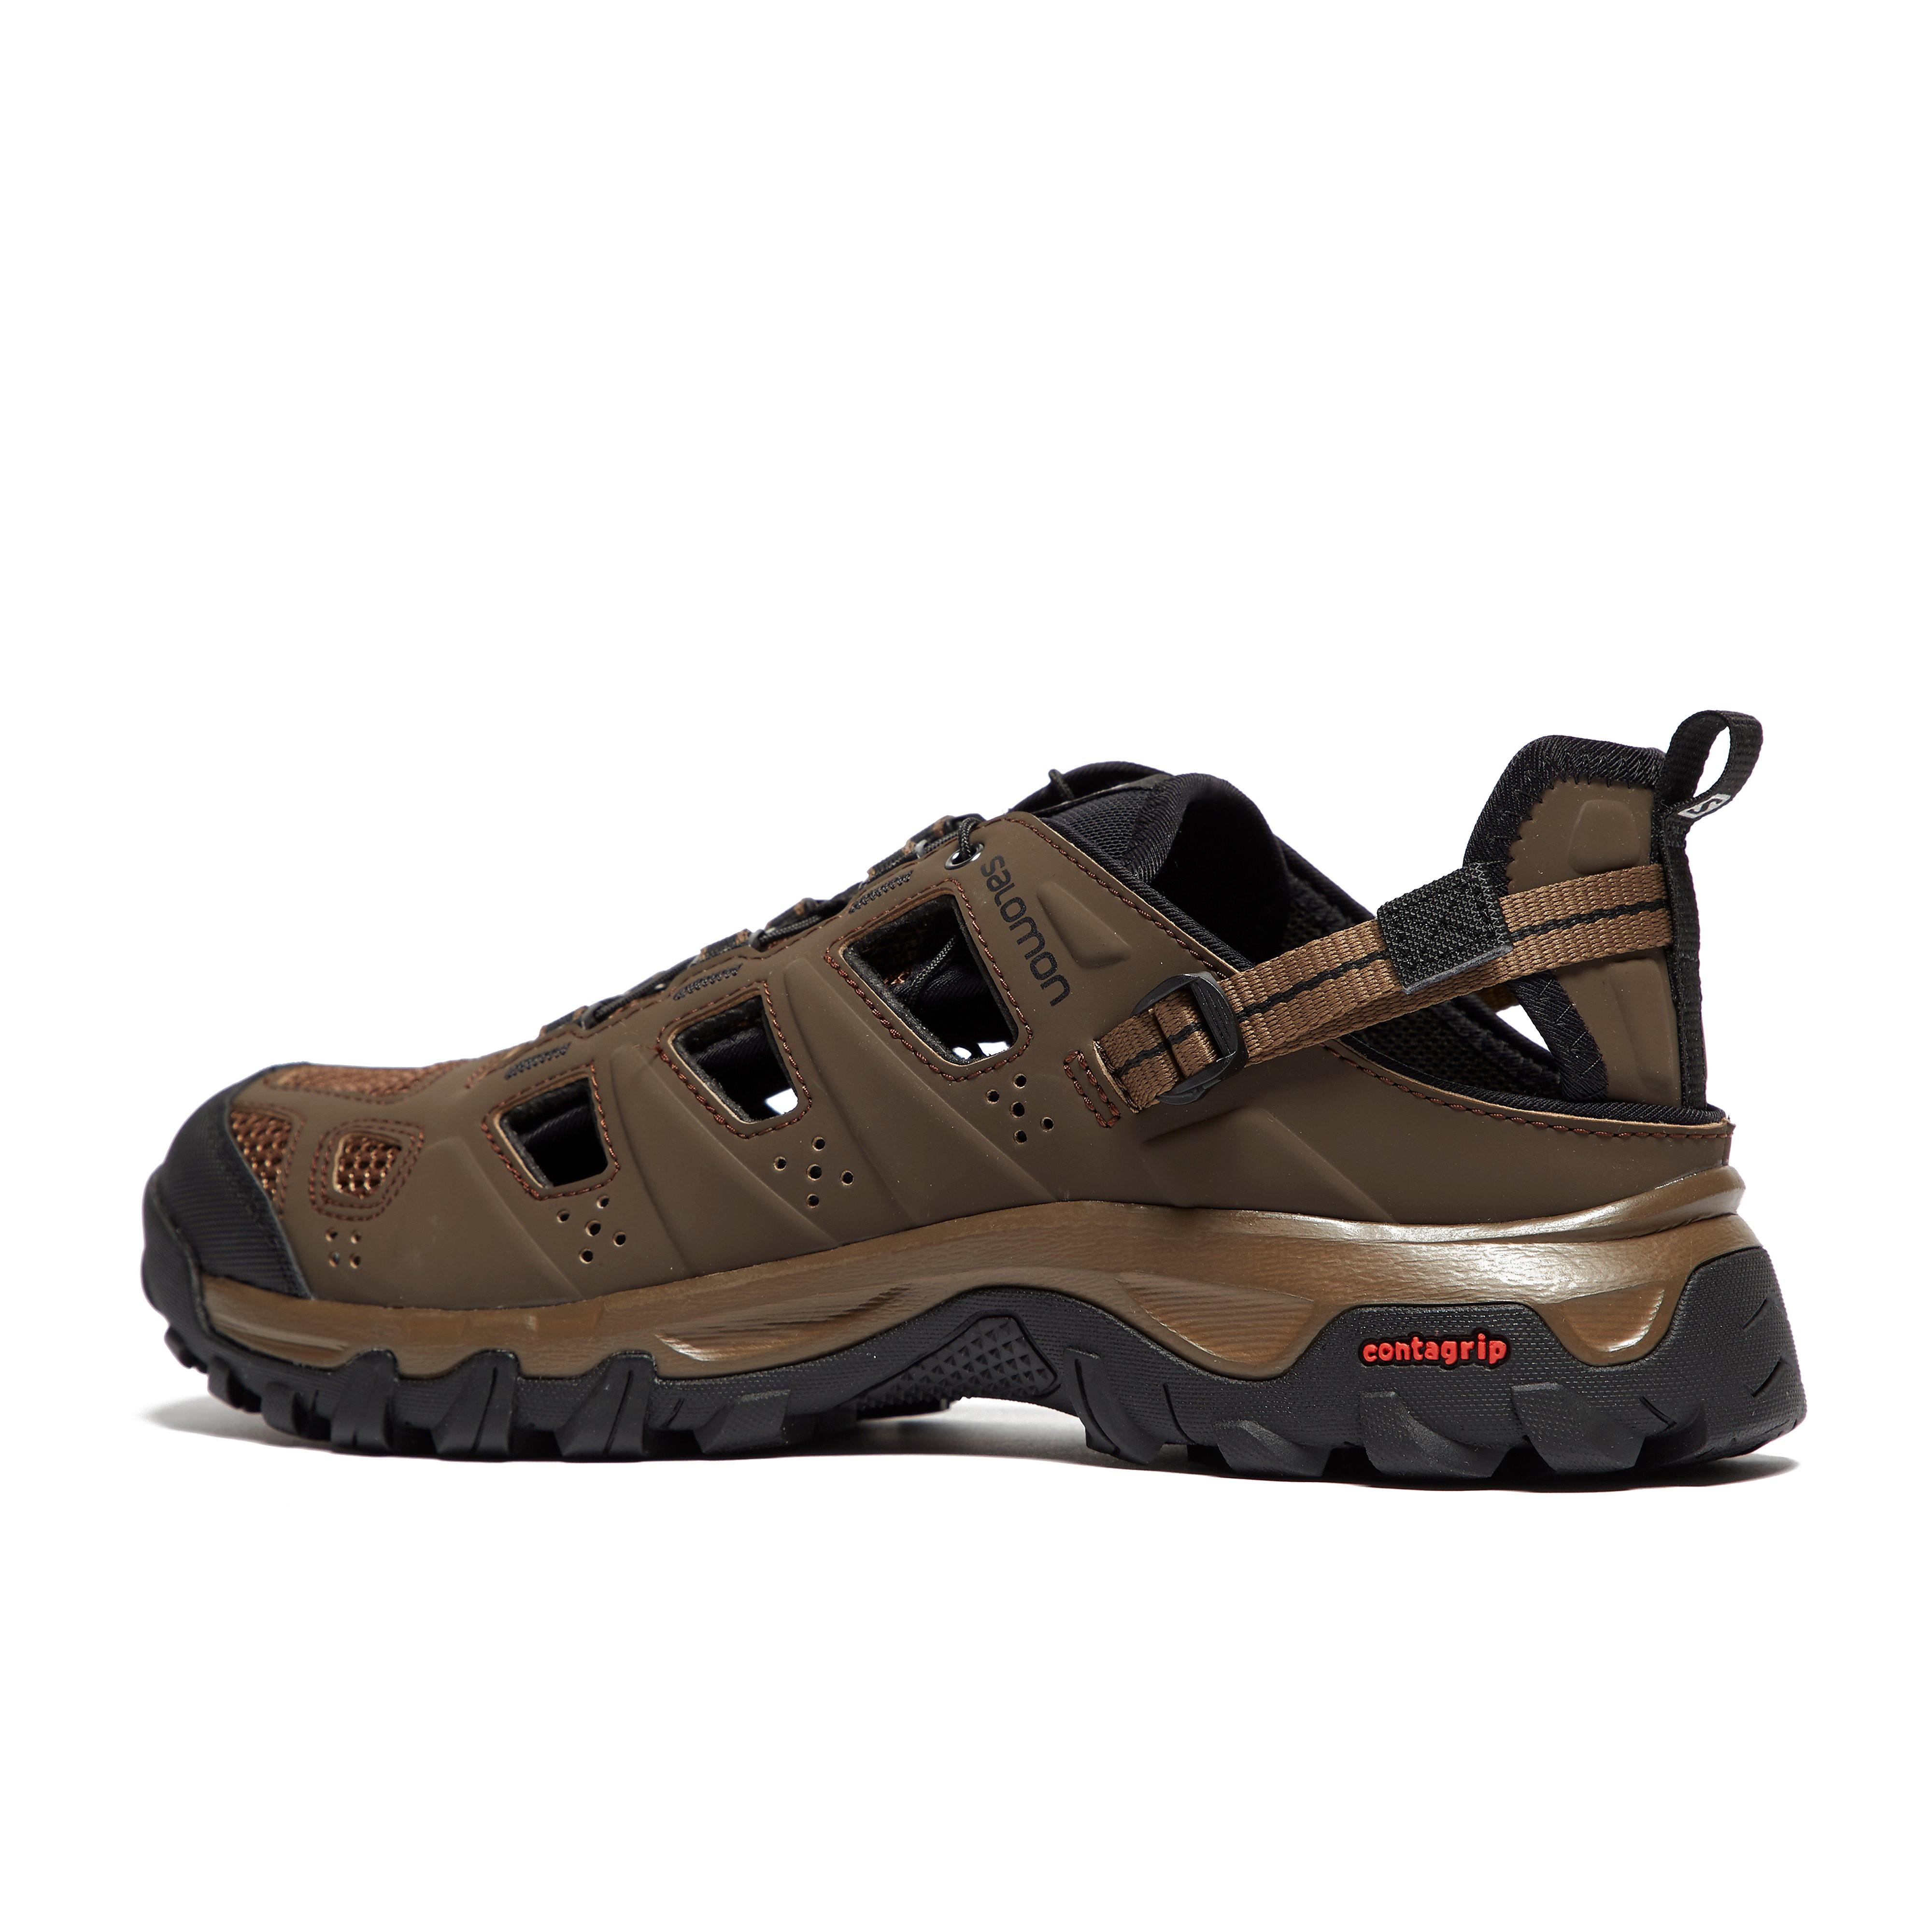 Salomon EVASION CABRIO Men's Hiking Shoes